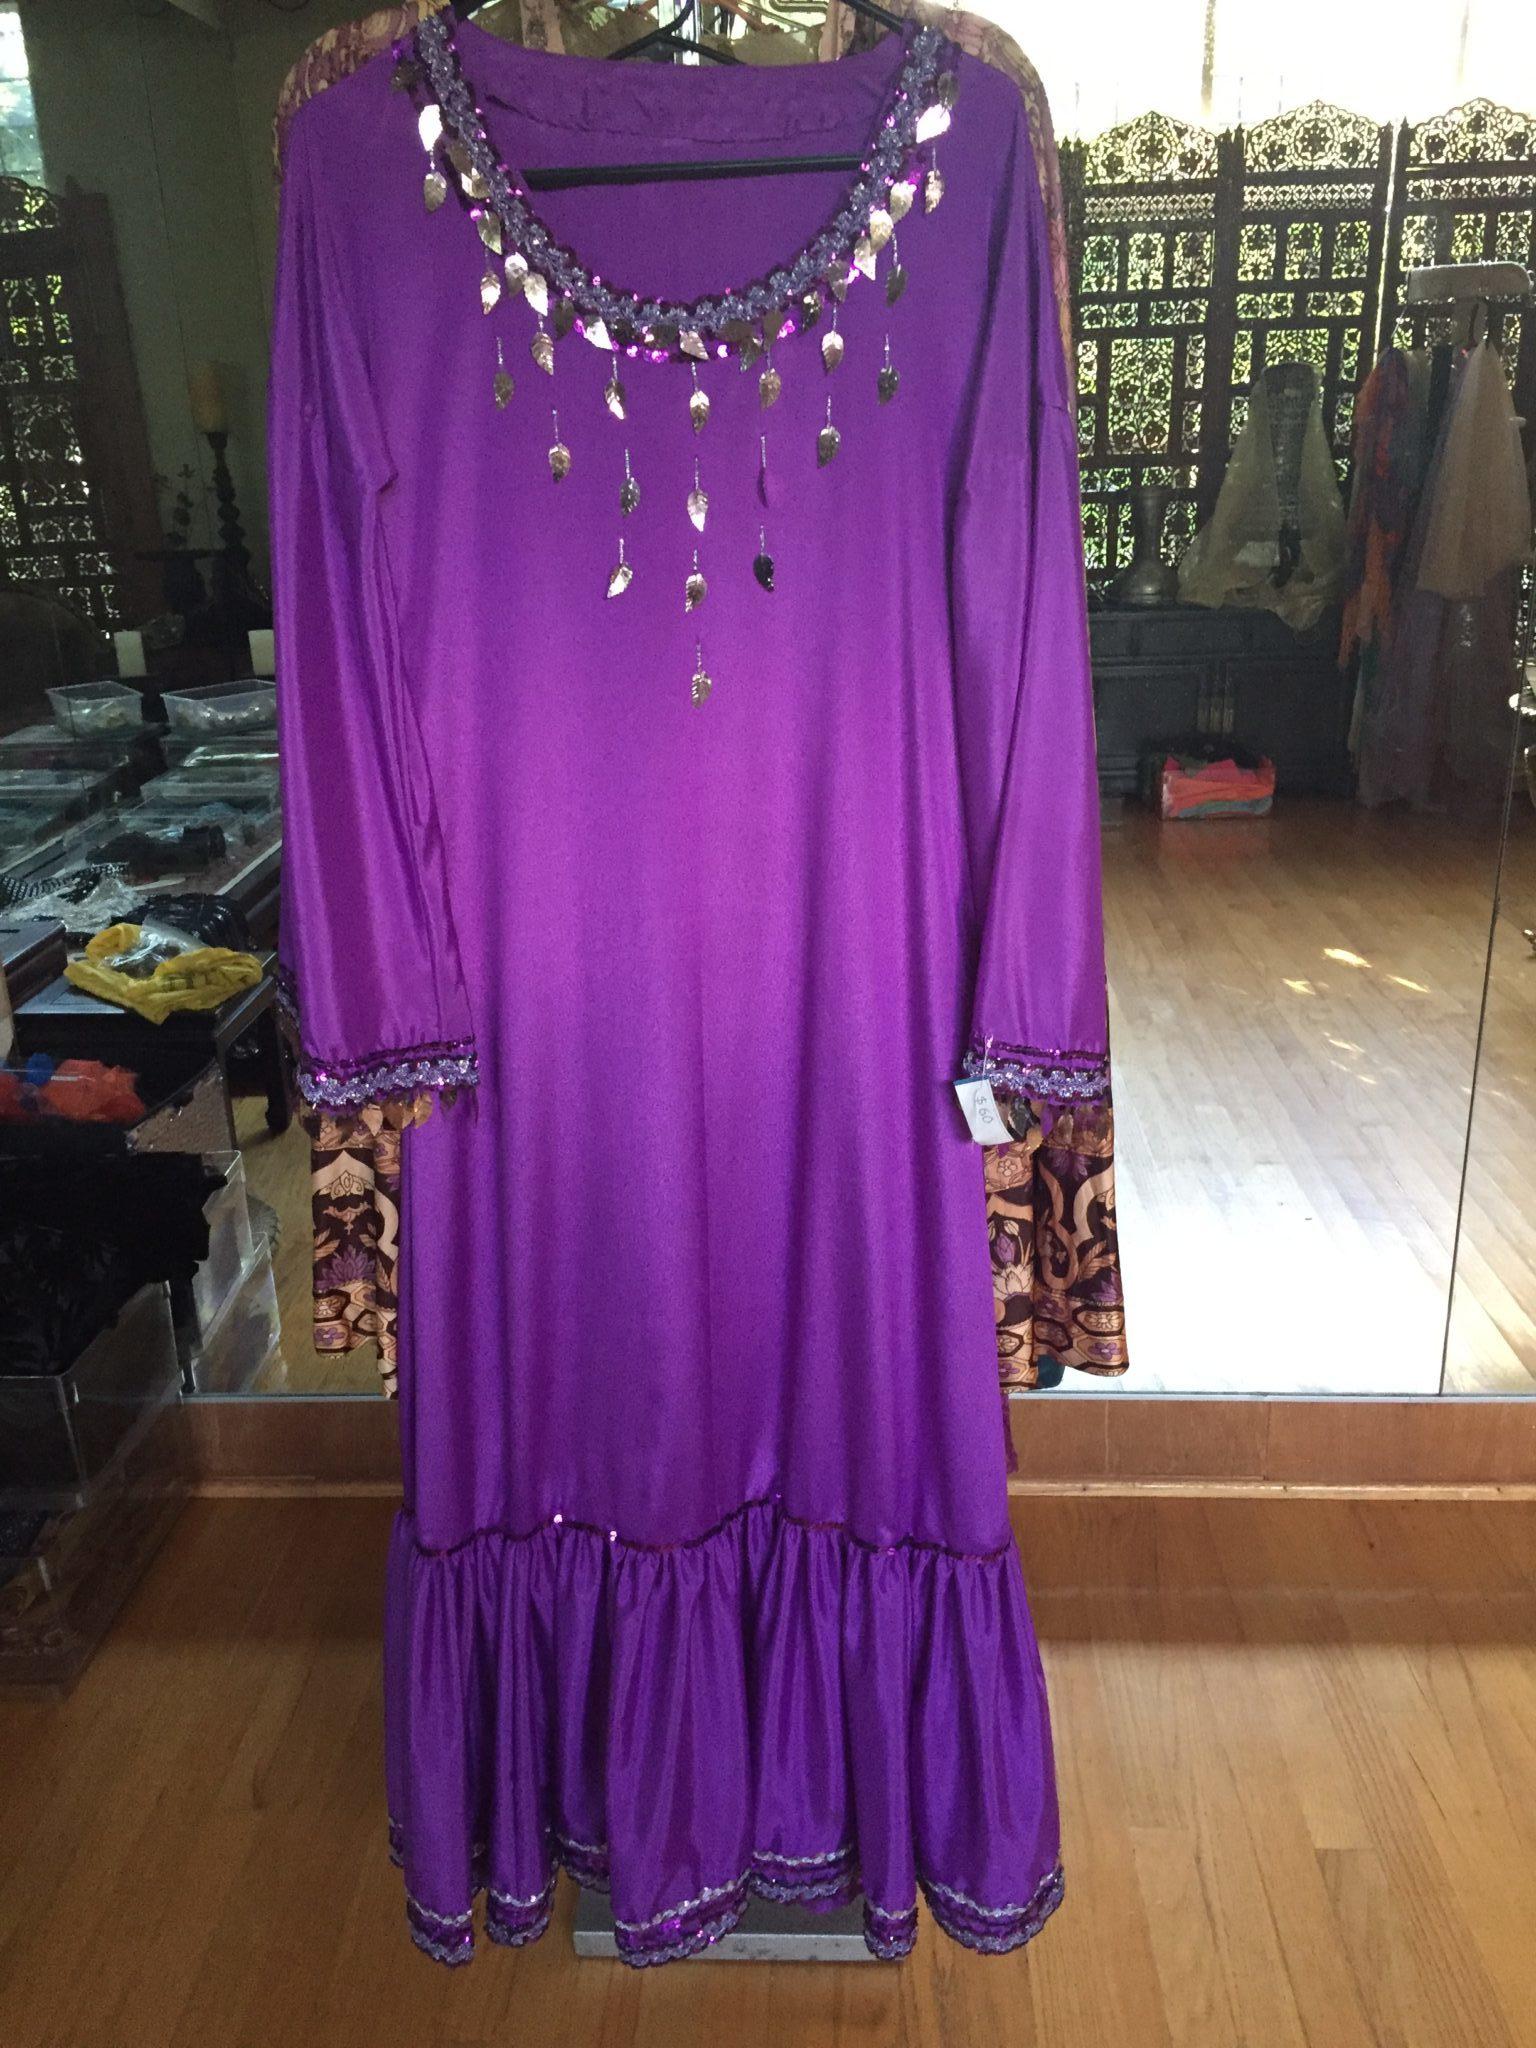 IMG 0848 e1559364983397 - Balady Dress: Purple Egyptian Galabeya